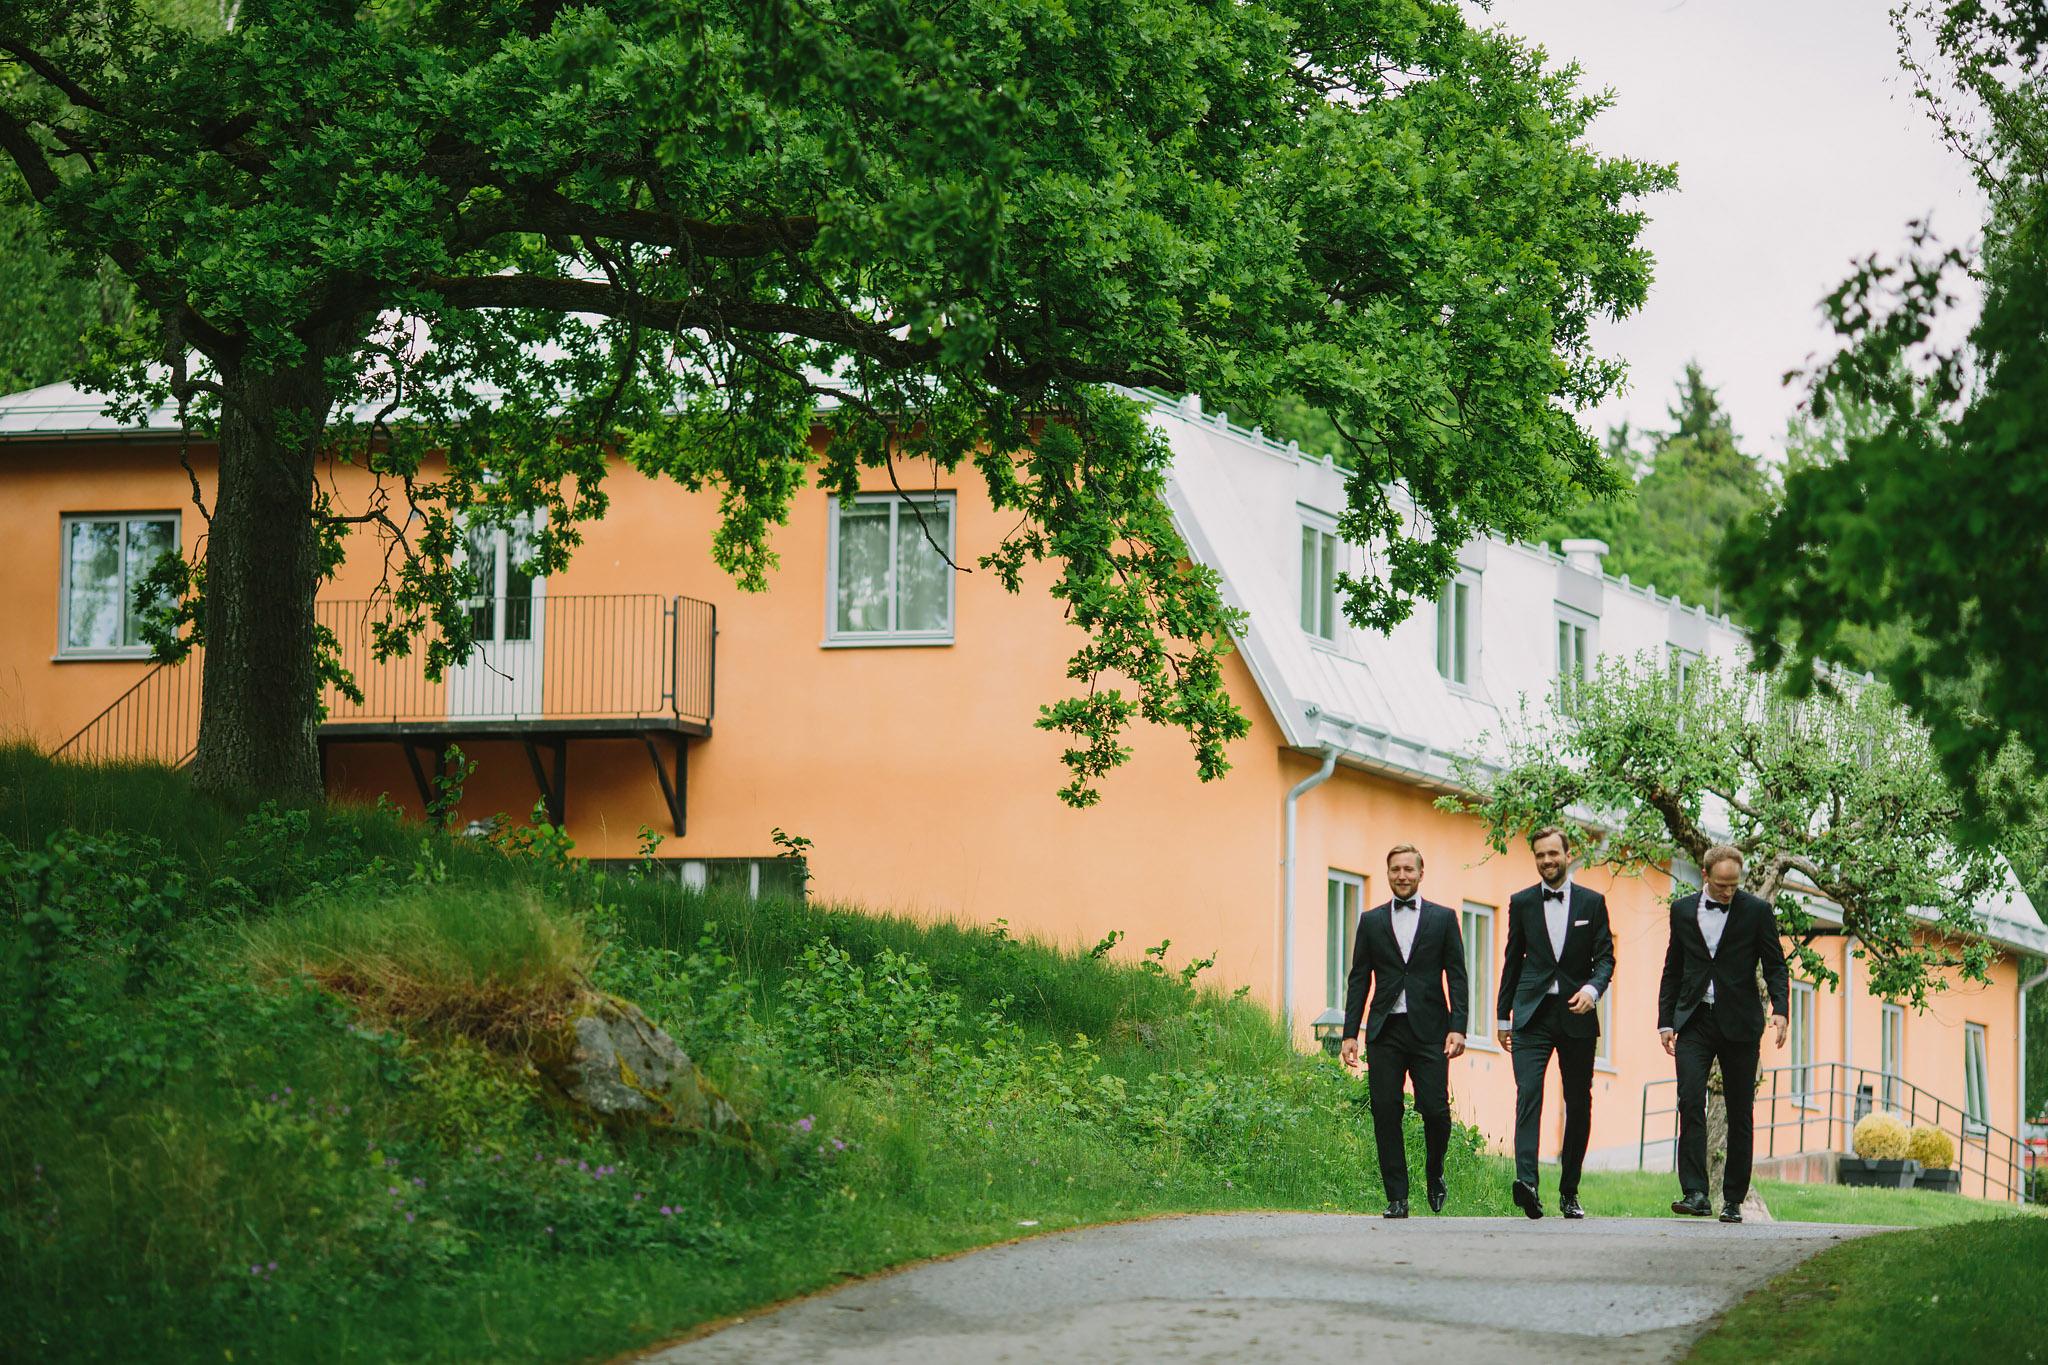 Bergendals annex